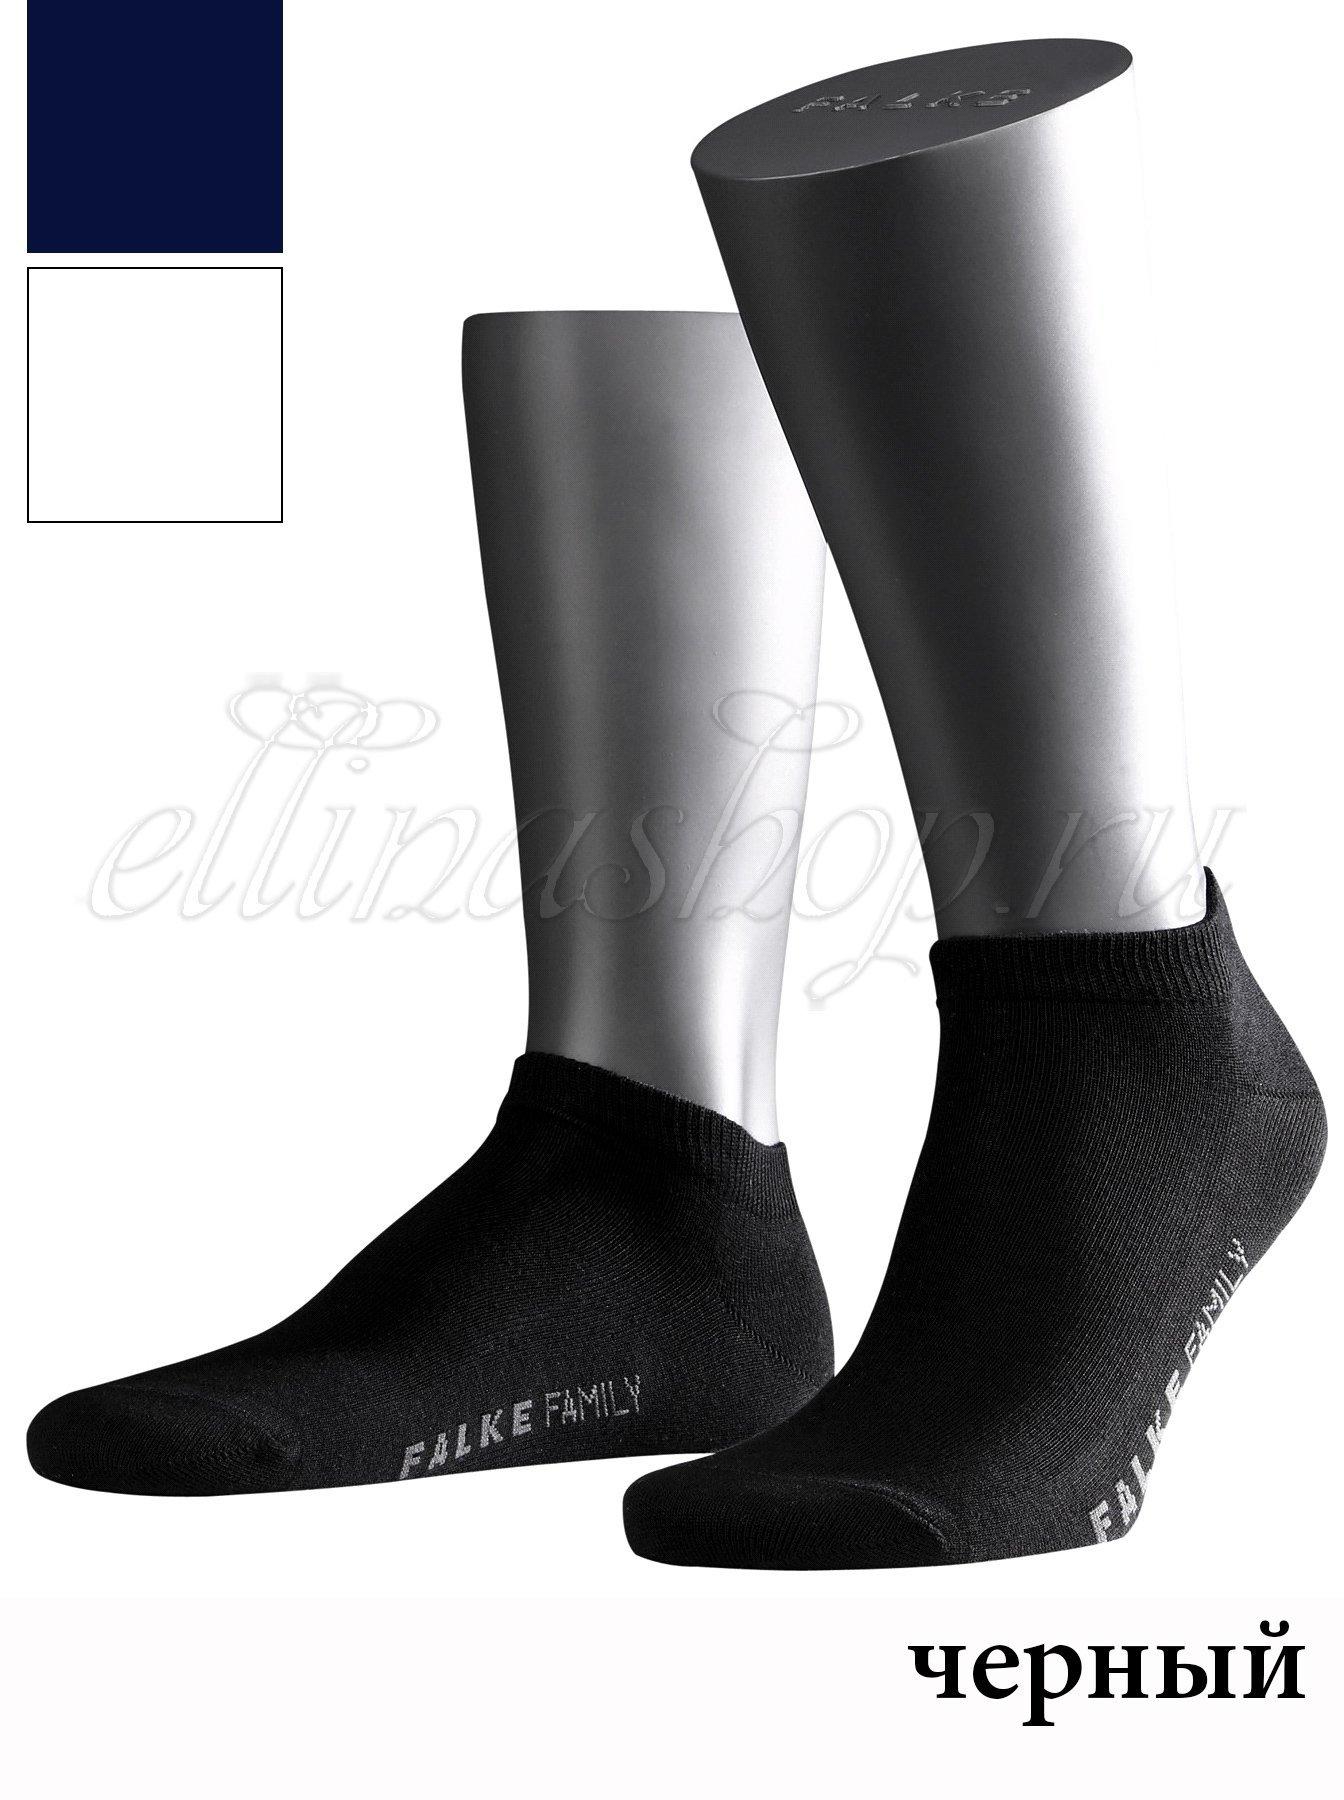 14626 Family Sport - Мужские укороченные носки Falke